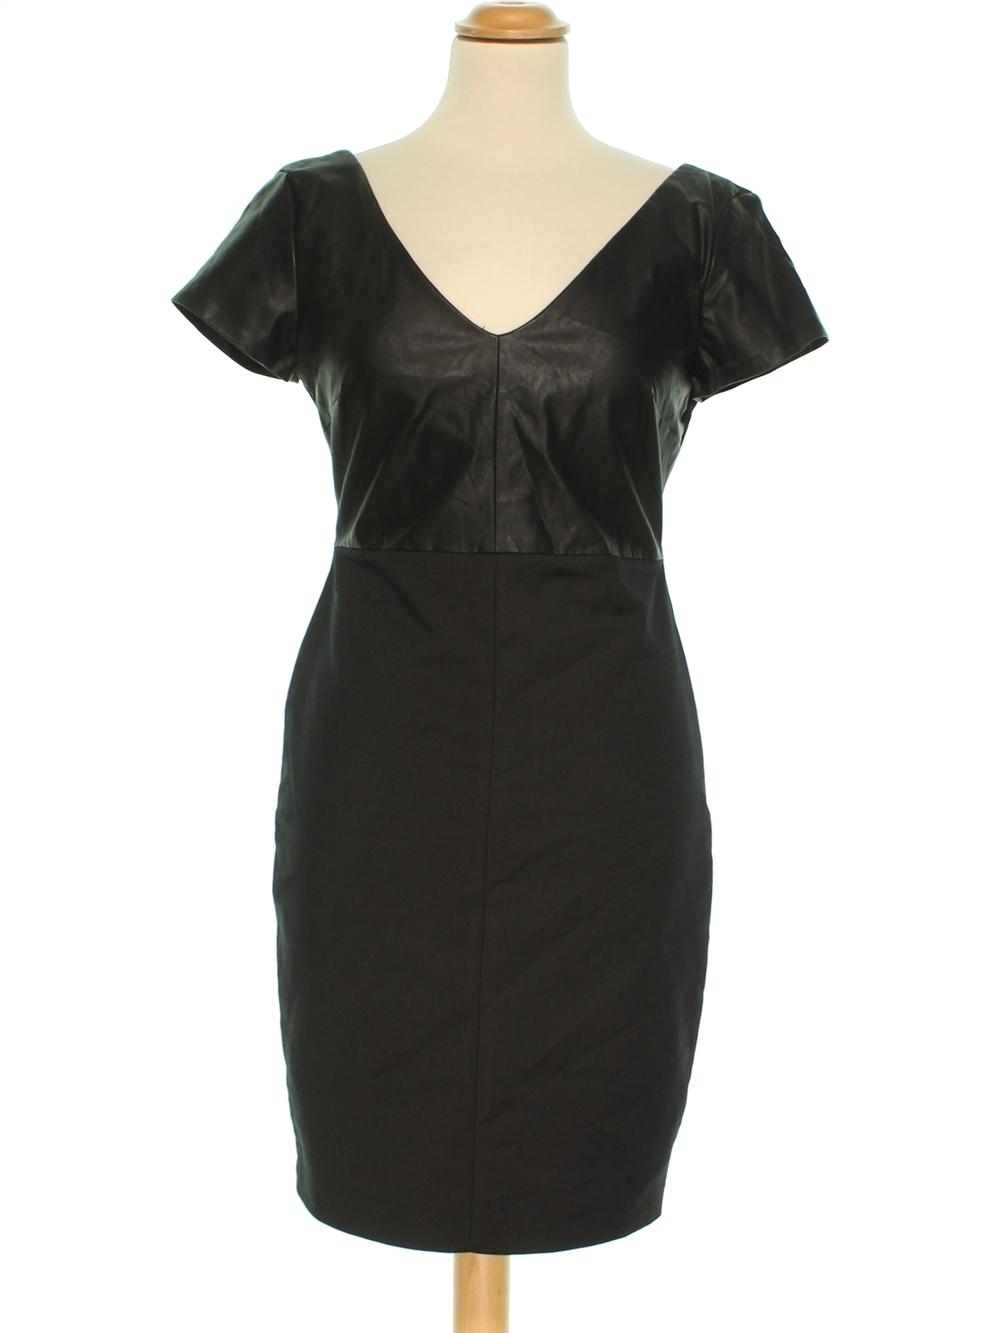 Robe de soiree ZARA du M pour Femme , 1163617